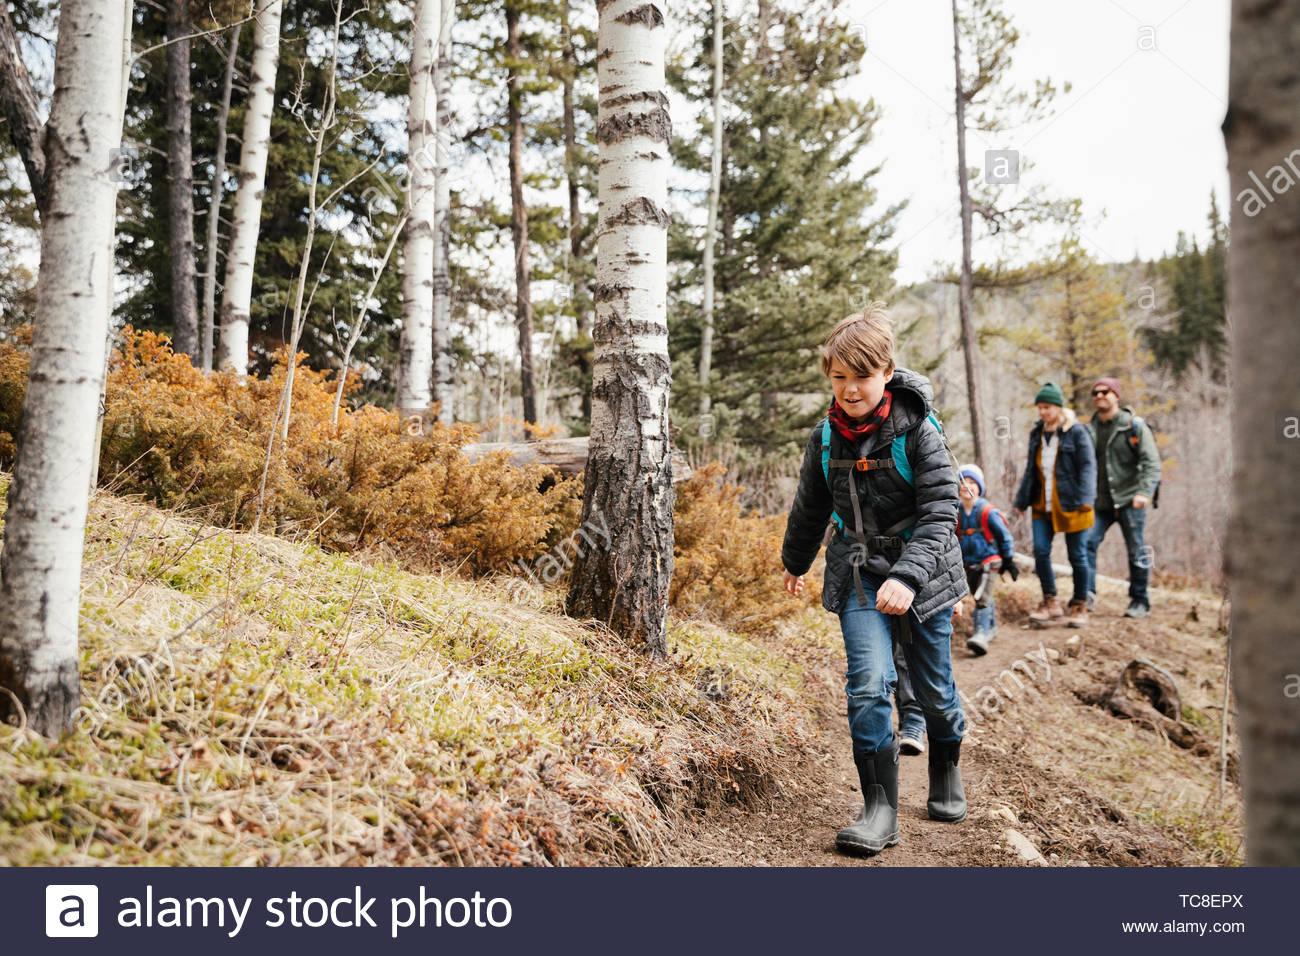 Unbeschwerte junge Wandern mit der Familie in Holz Stockbild